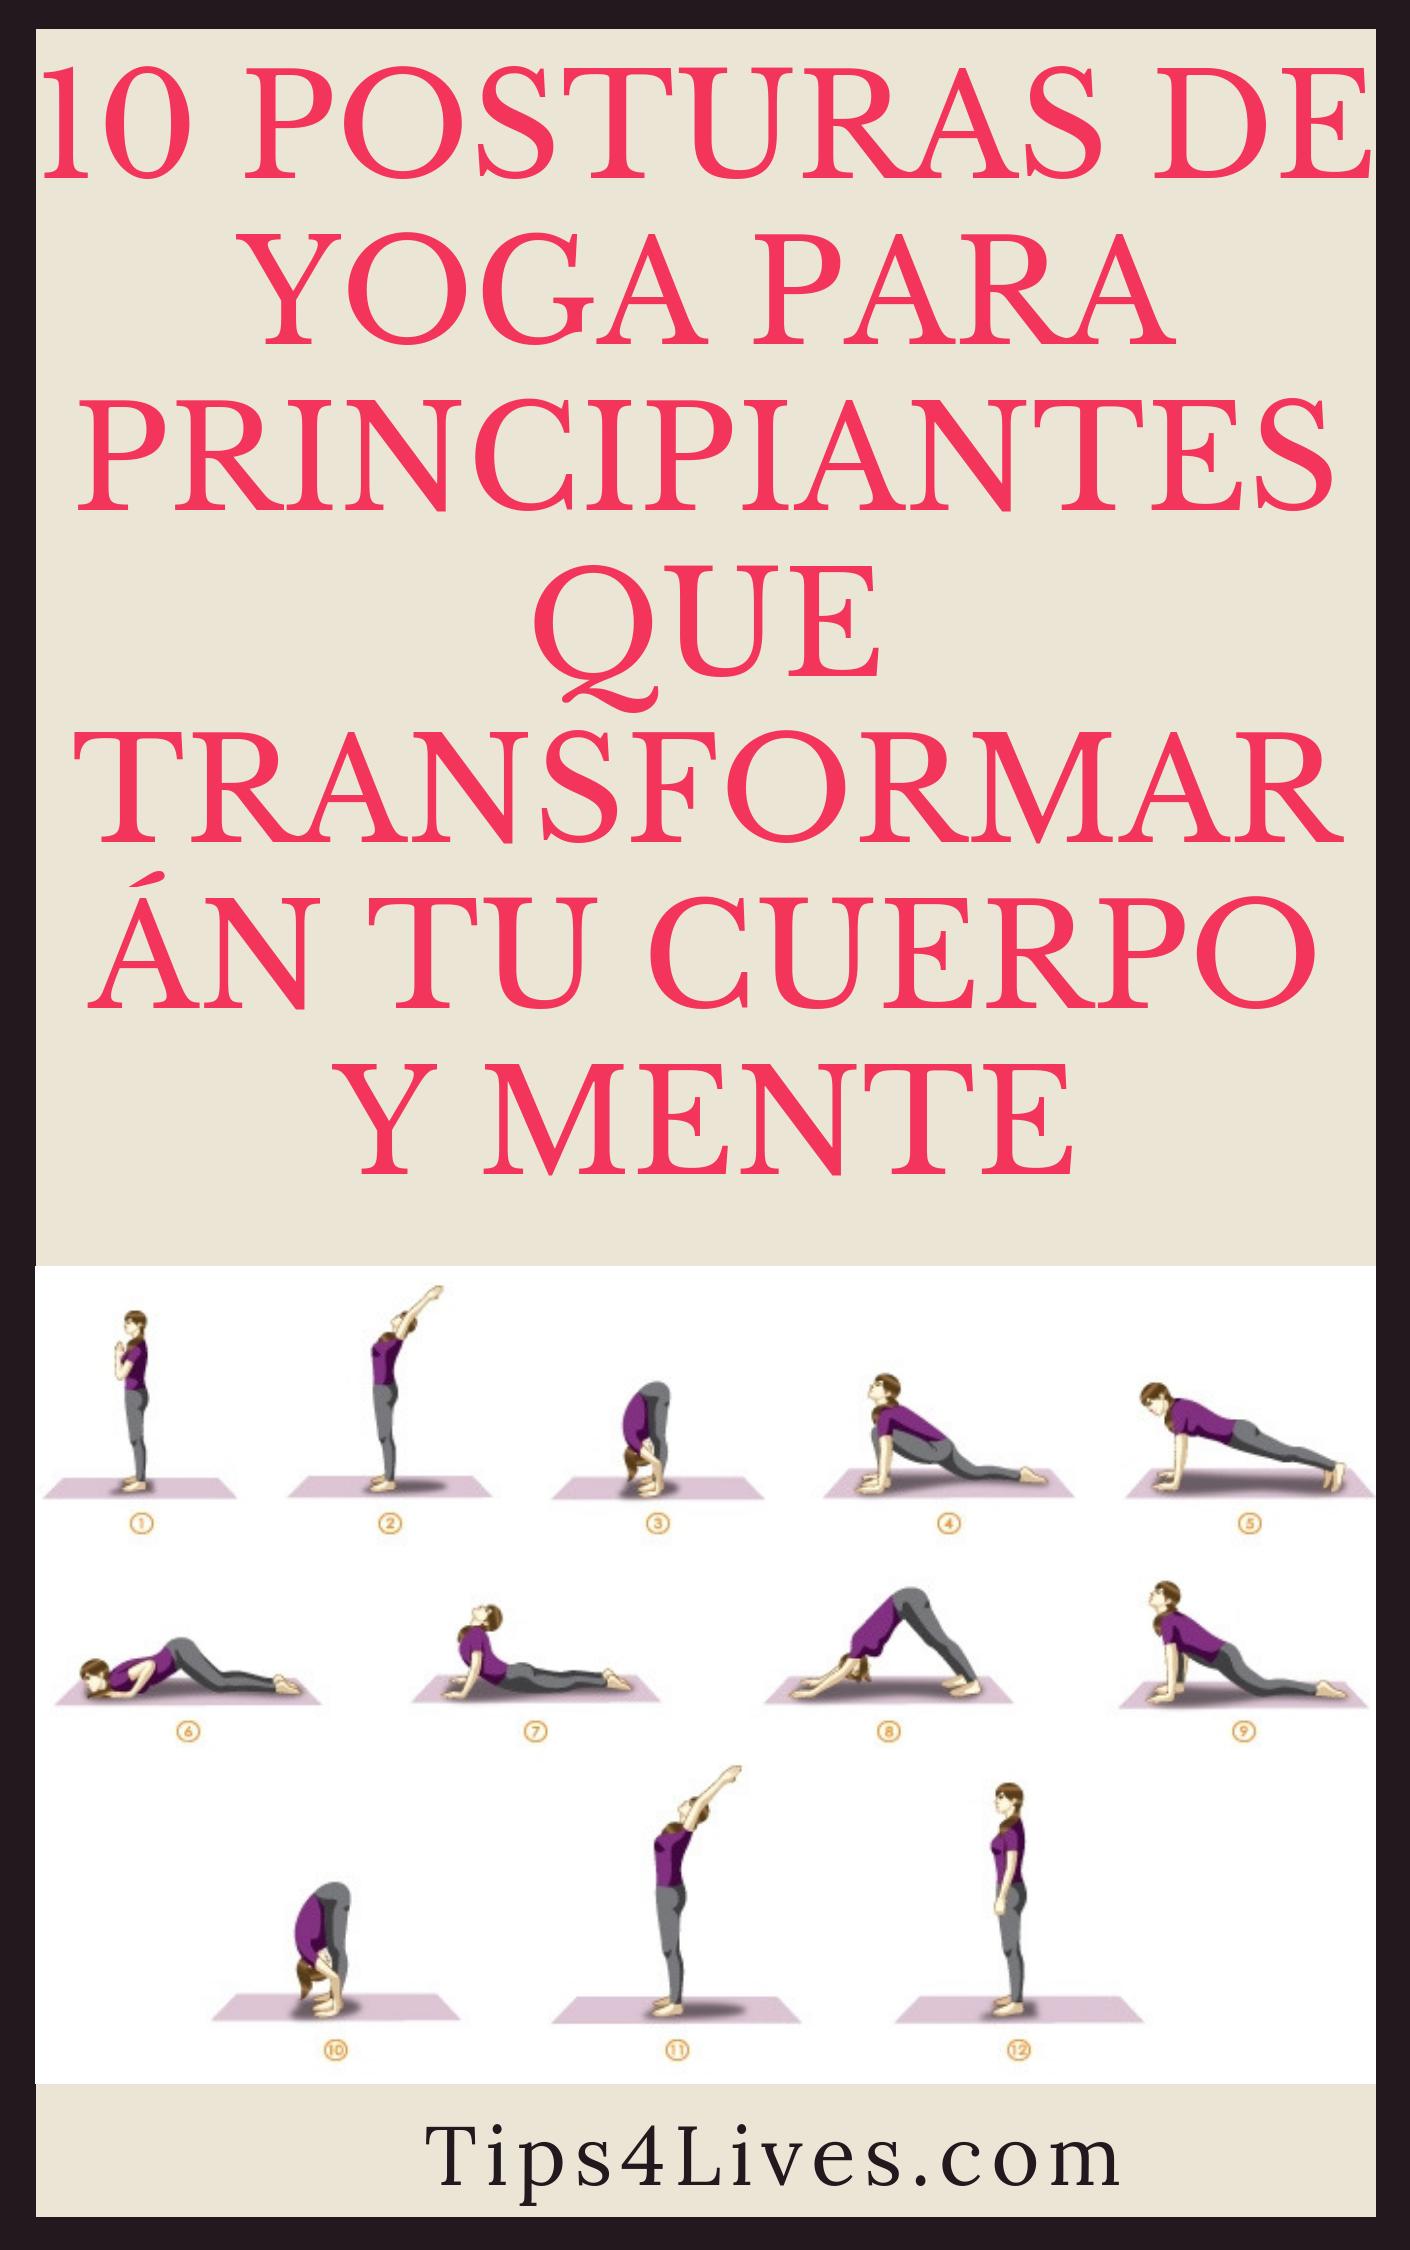 10 Posturas De Yoga Para Principiantes Que Transformaran Tu Cuerpo Y Mente Tips Life Vida Salud Remedios Tips4 Beginner Yoga Workout Hard Yoga Yoga Help